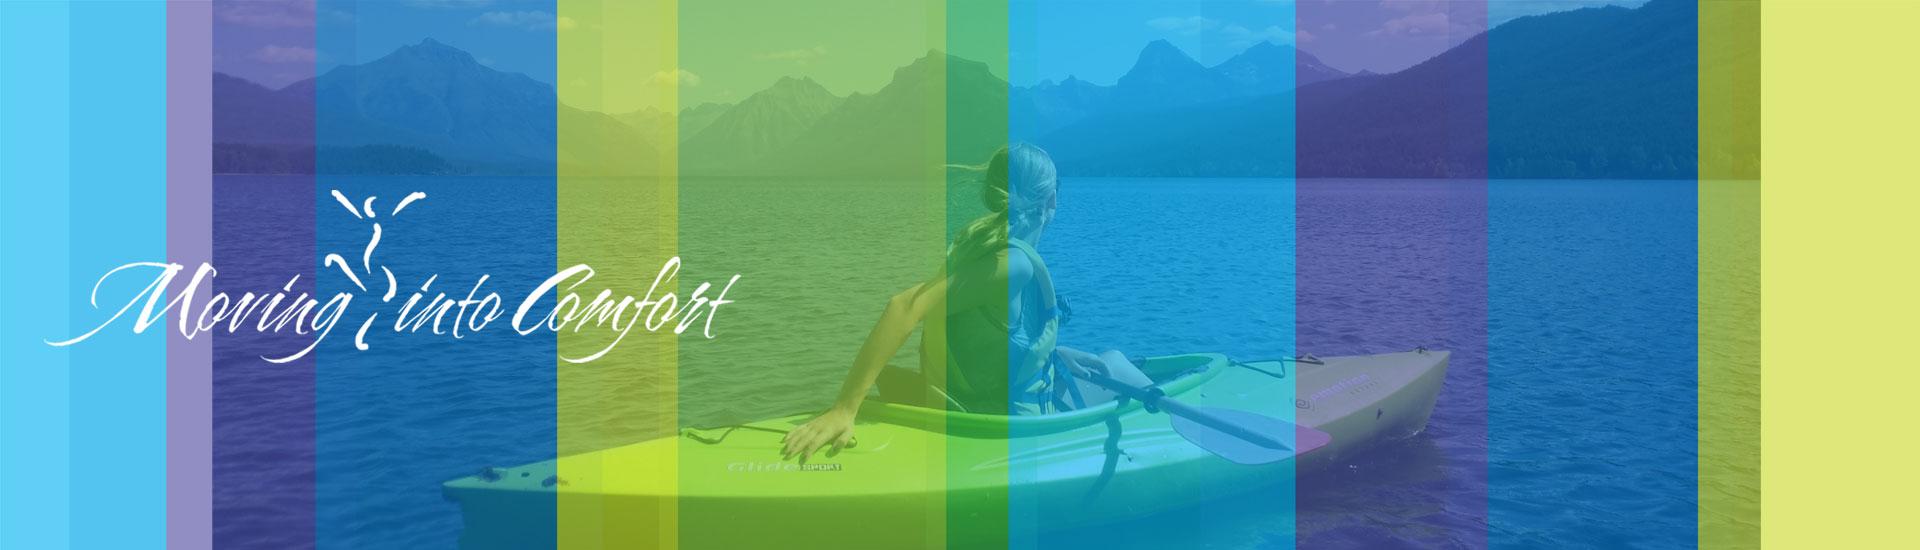 Woman in kayak on mountain lake